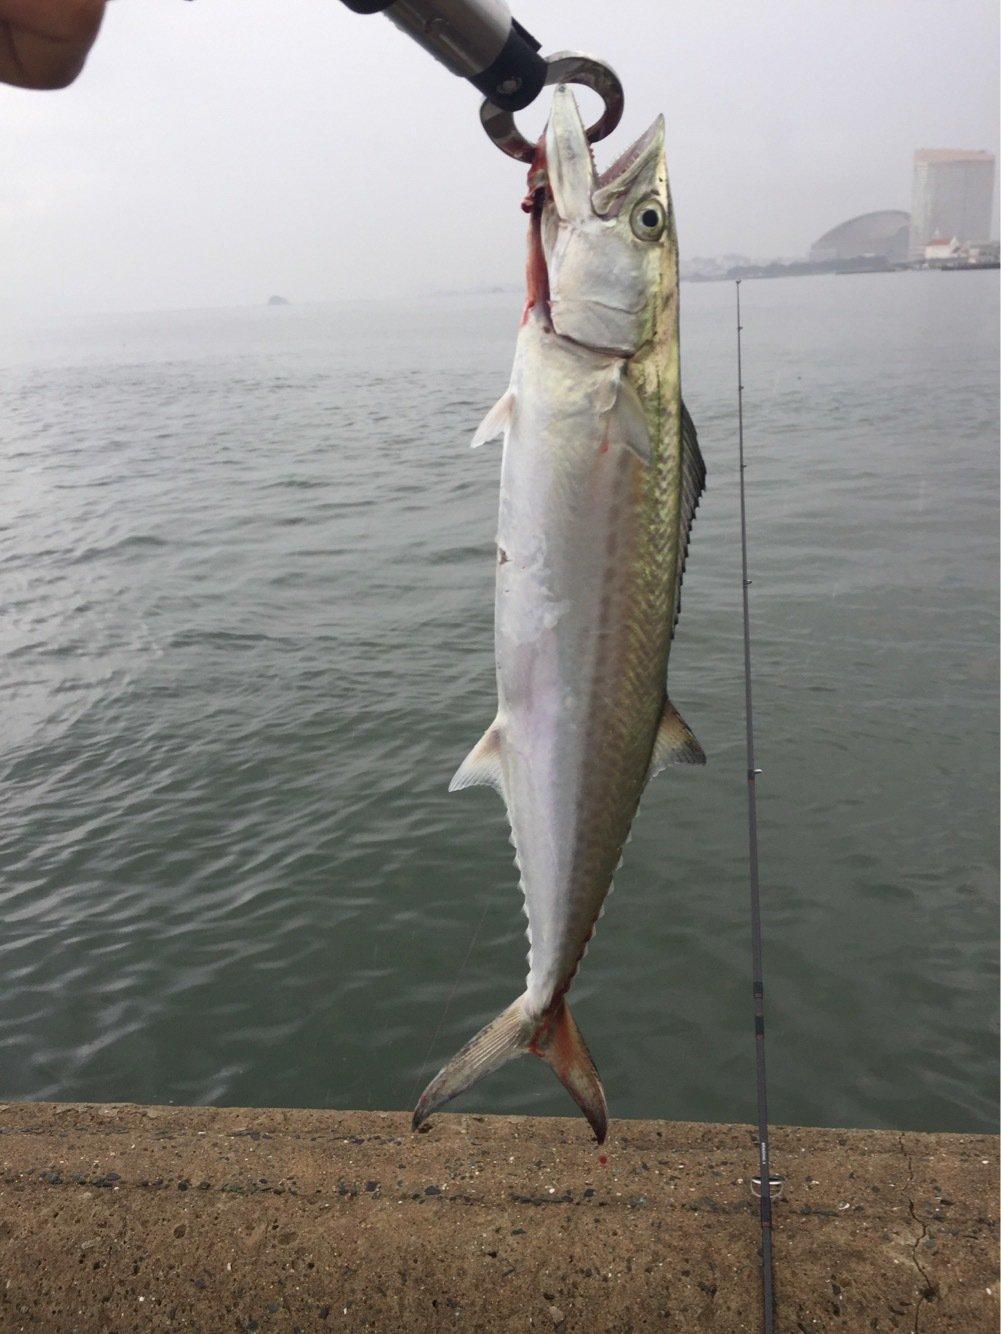 kensukekさんの投稿画像,写っている魚はサワラ